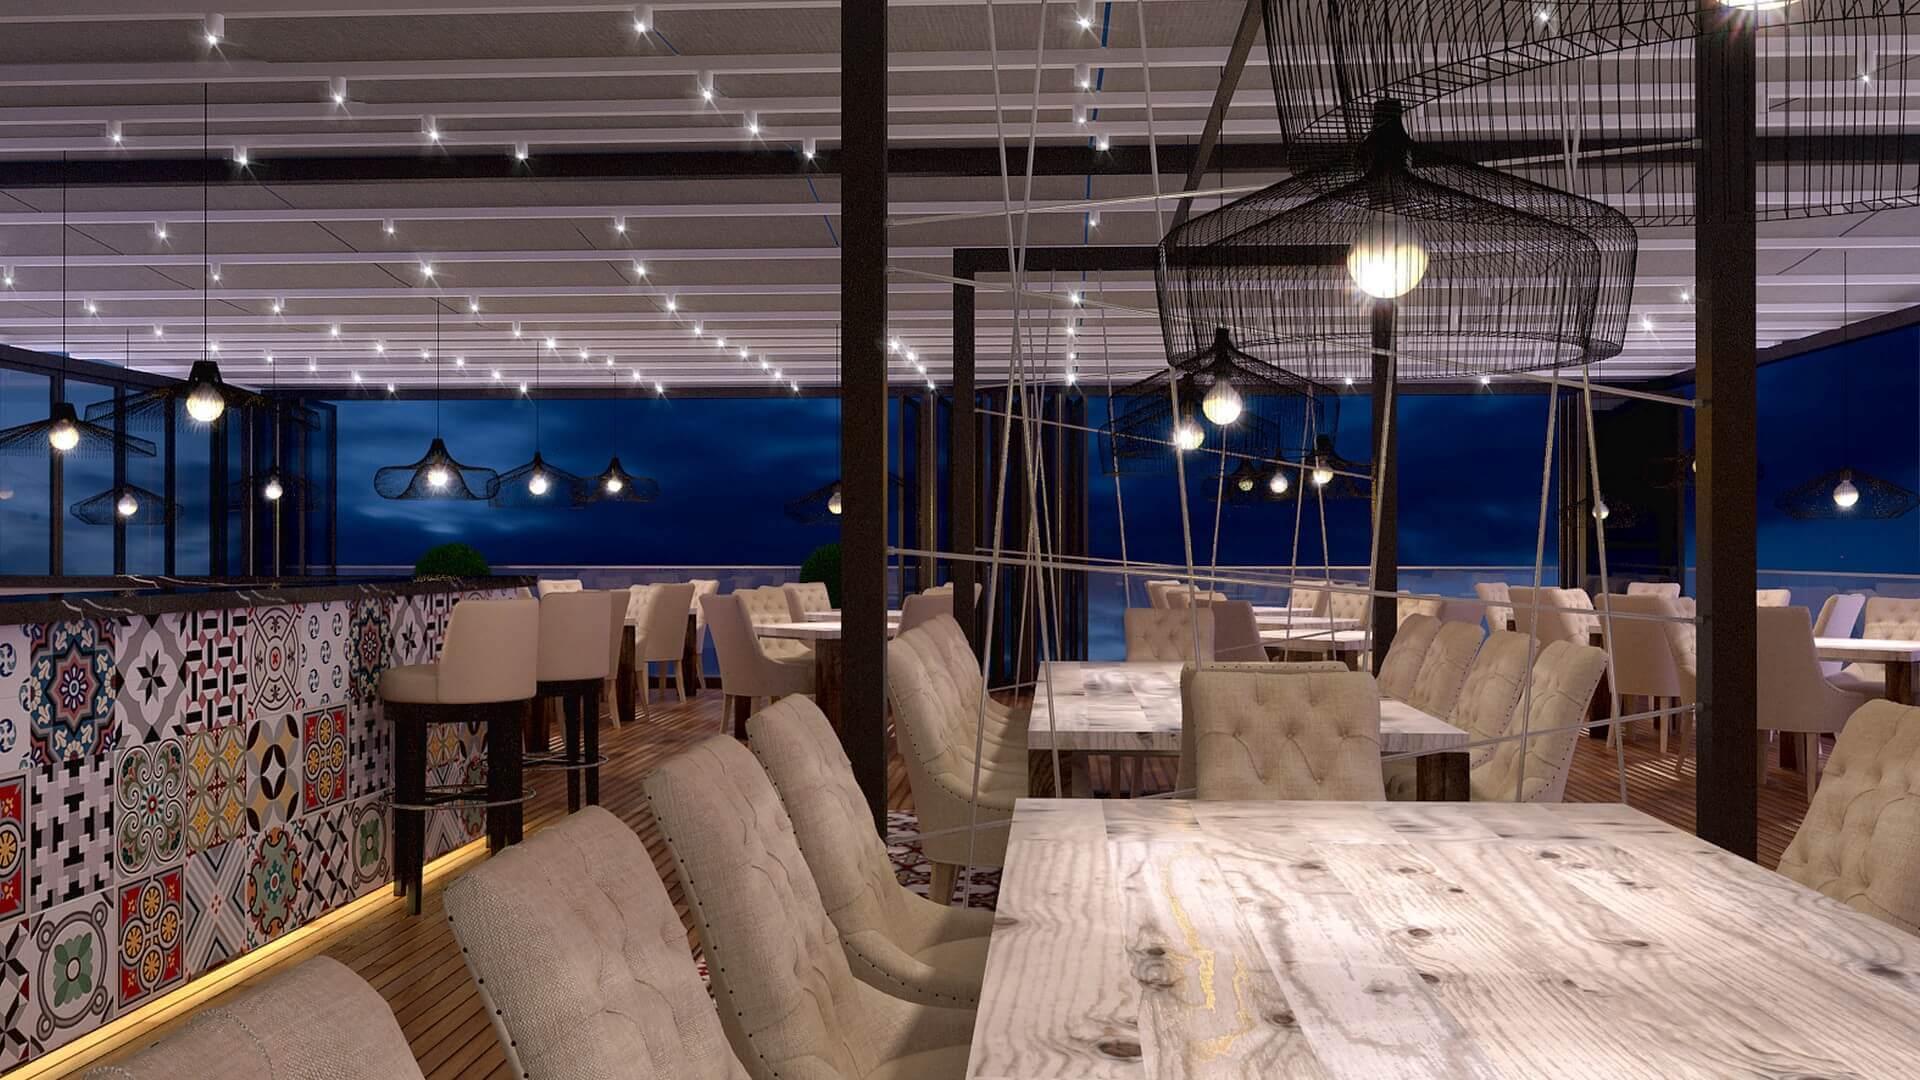 restaurant interior design 2097 Iskenderun Restaurant Restaurants